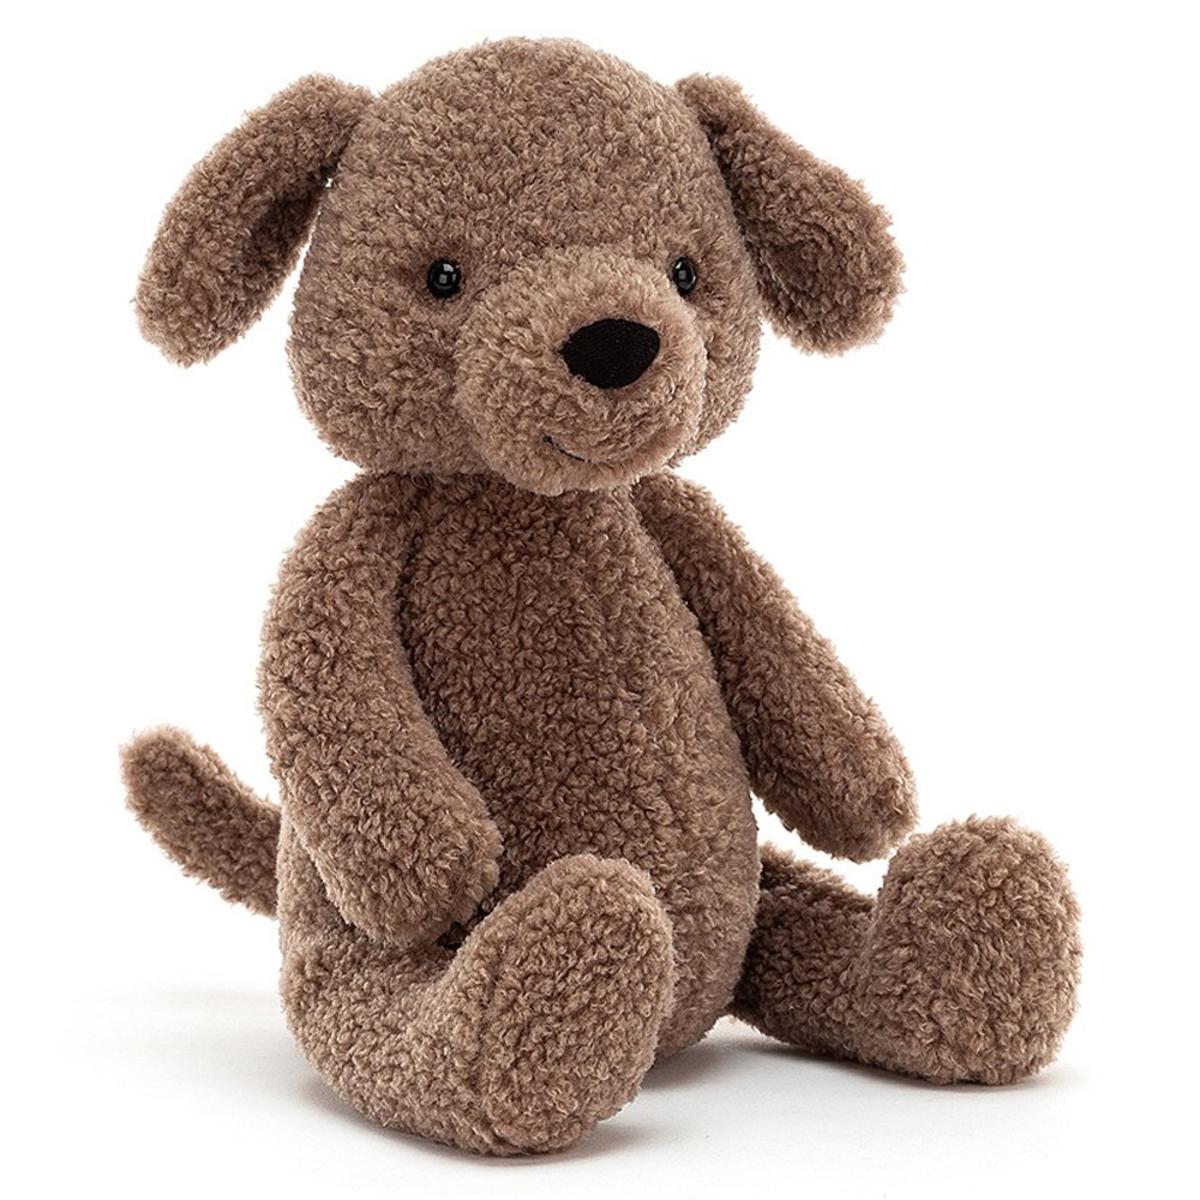 Peluche Allenby Dog - Medium Peluche Chien 35 cm